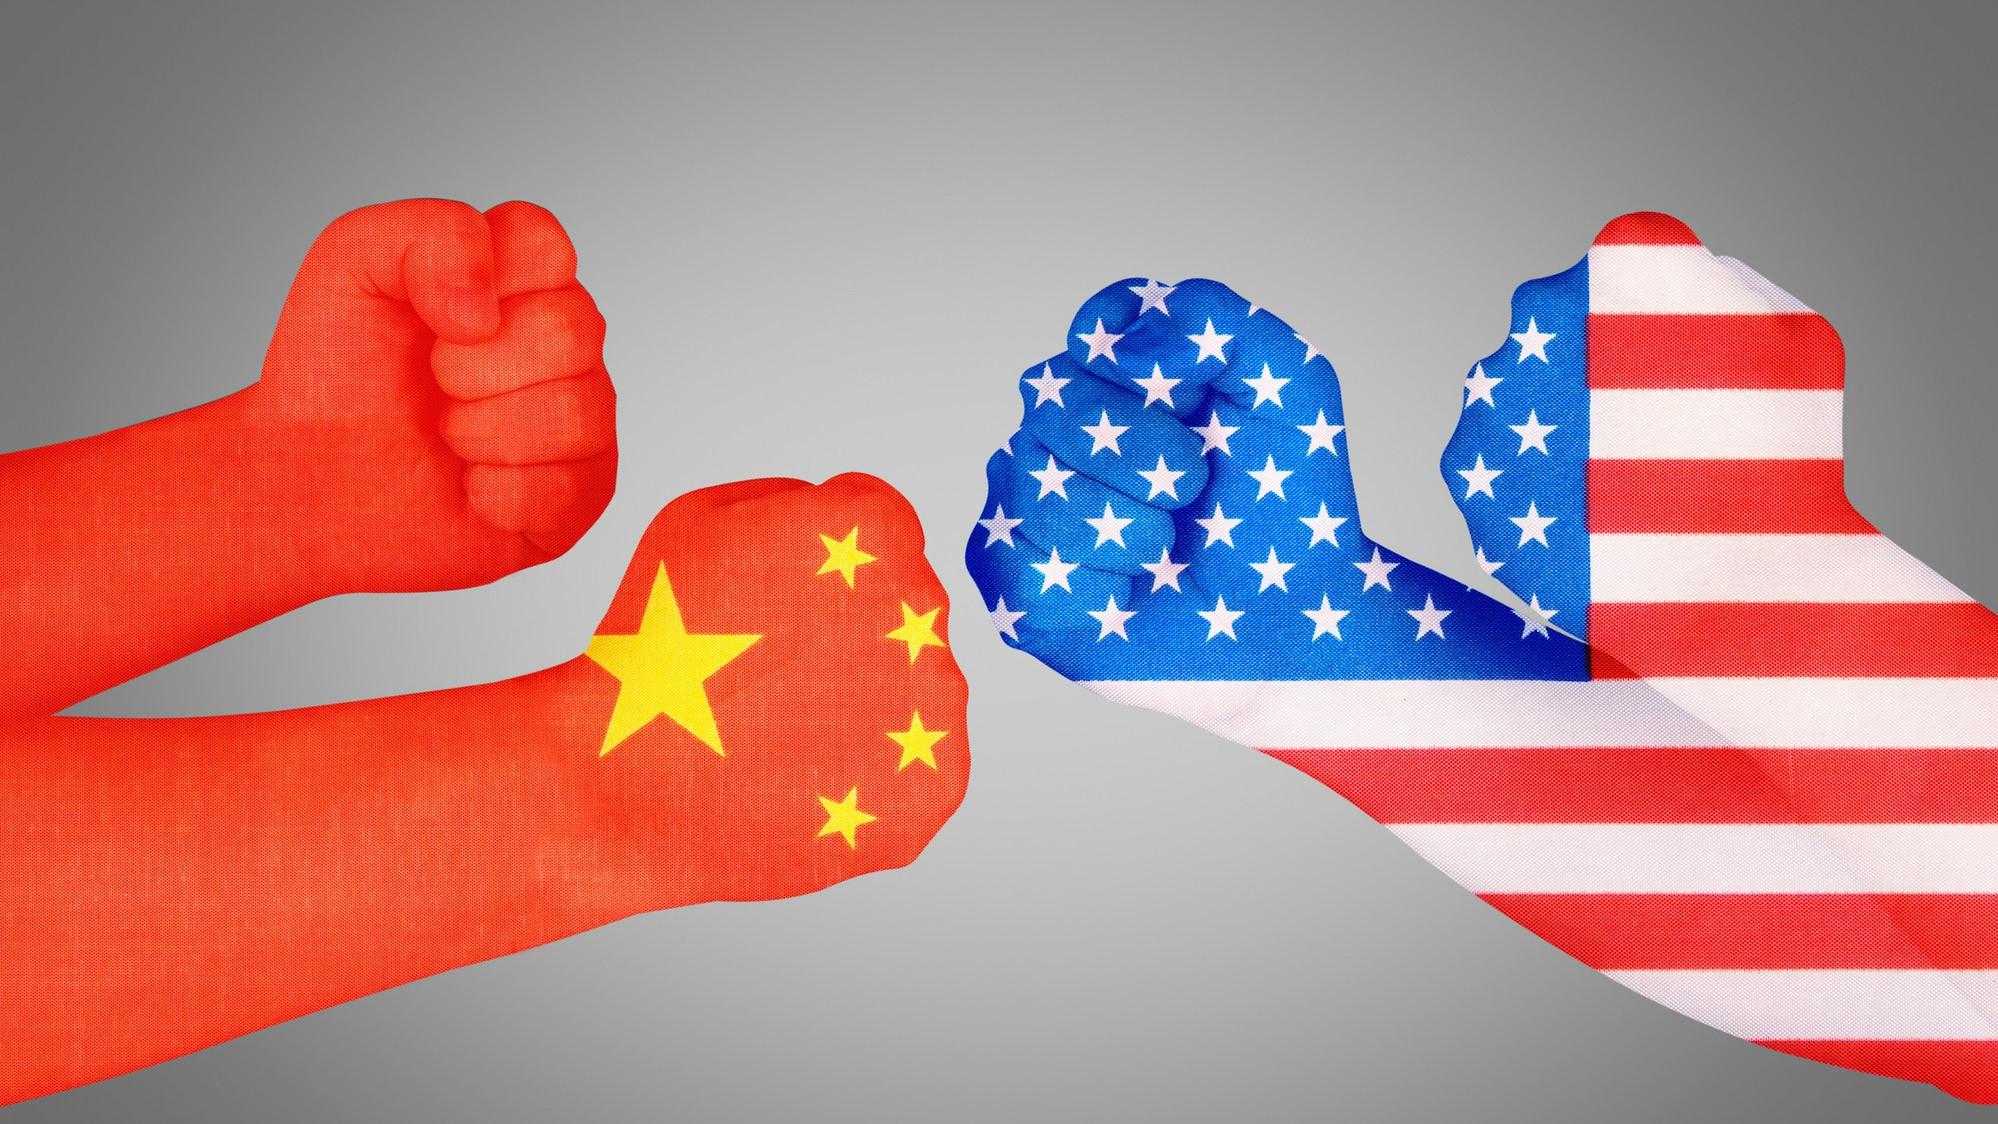 早报 | 美股血流成河!中国推出反制措施;央视锐评:中国已做好全面应对的准备;18只创业板股纳入MSCI指数